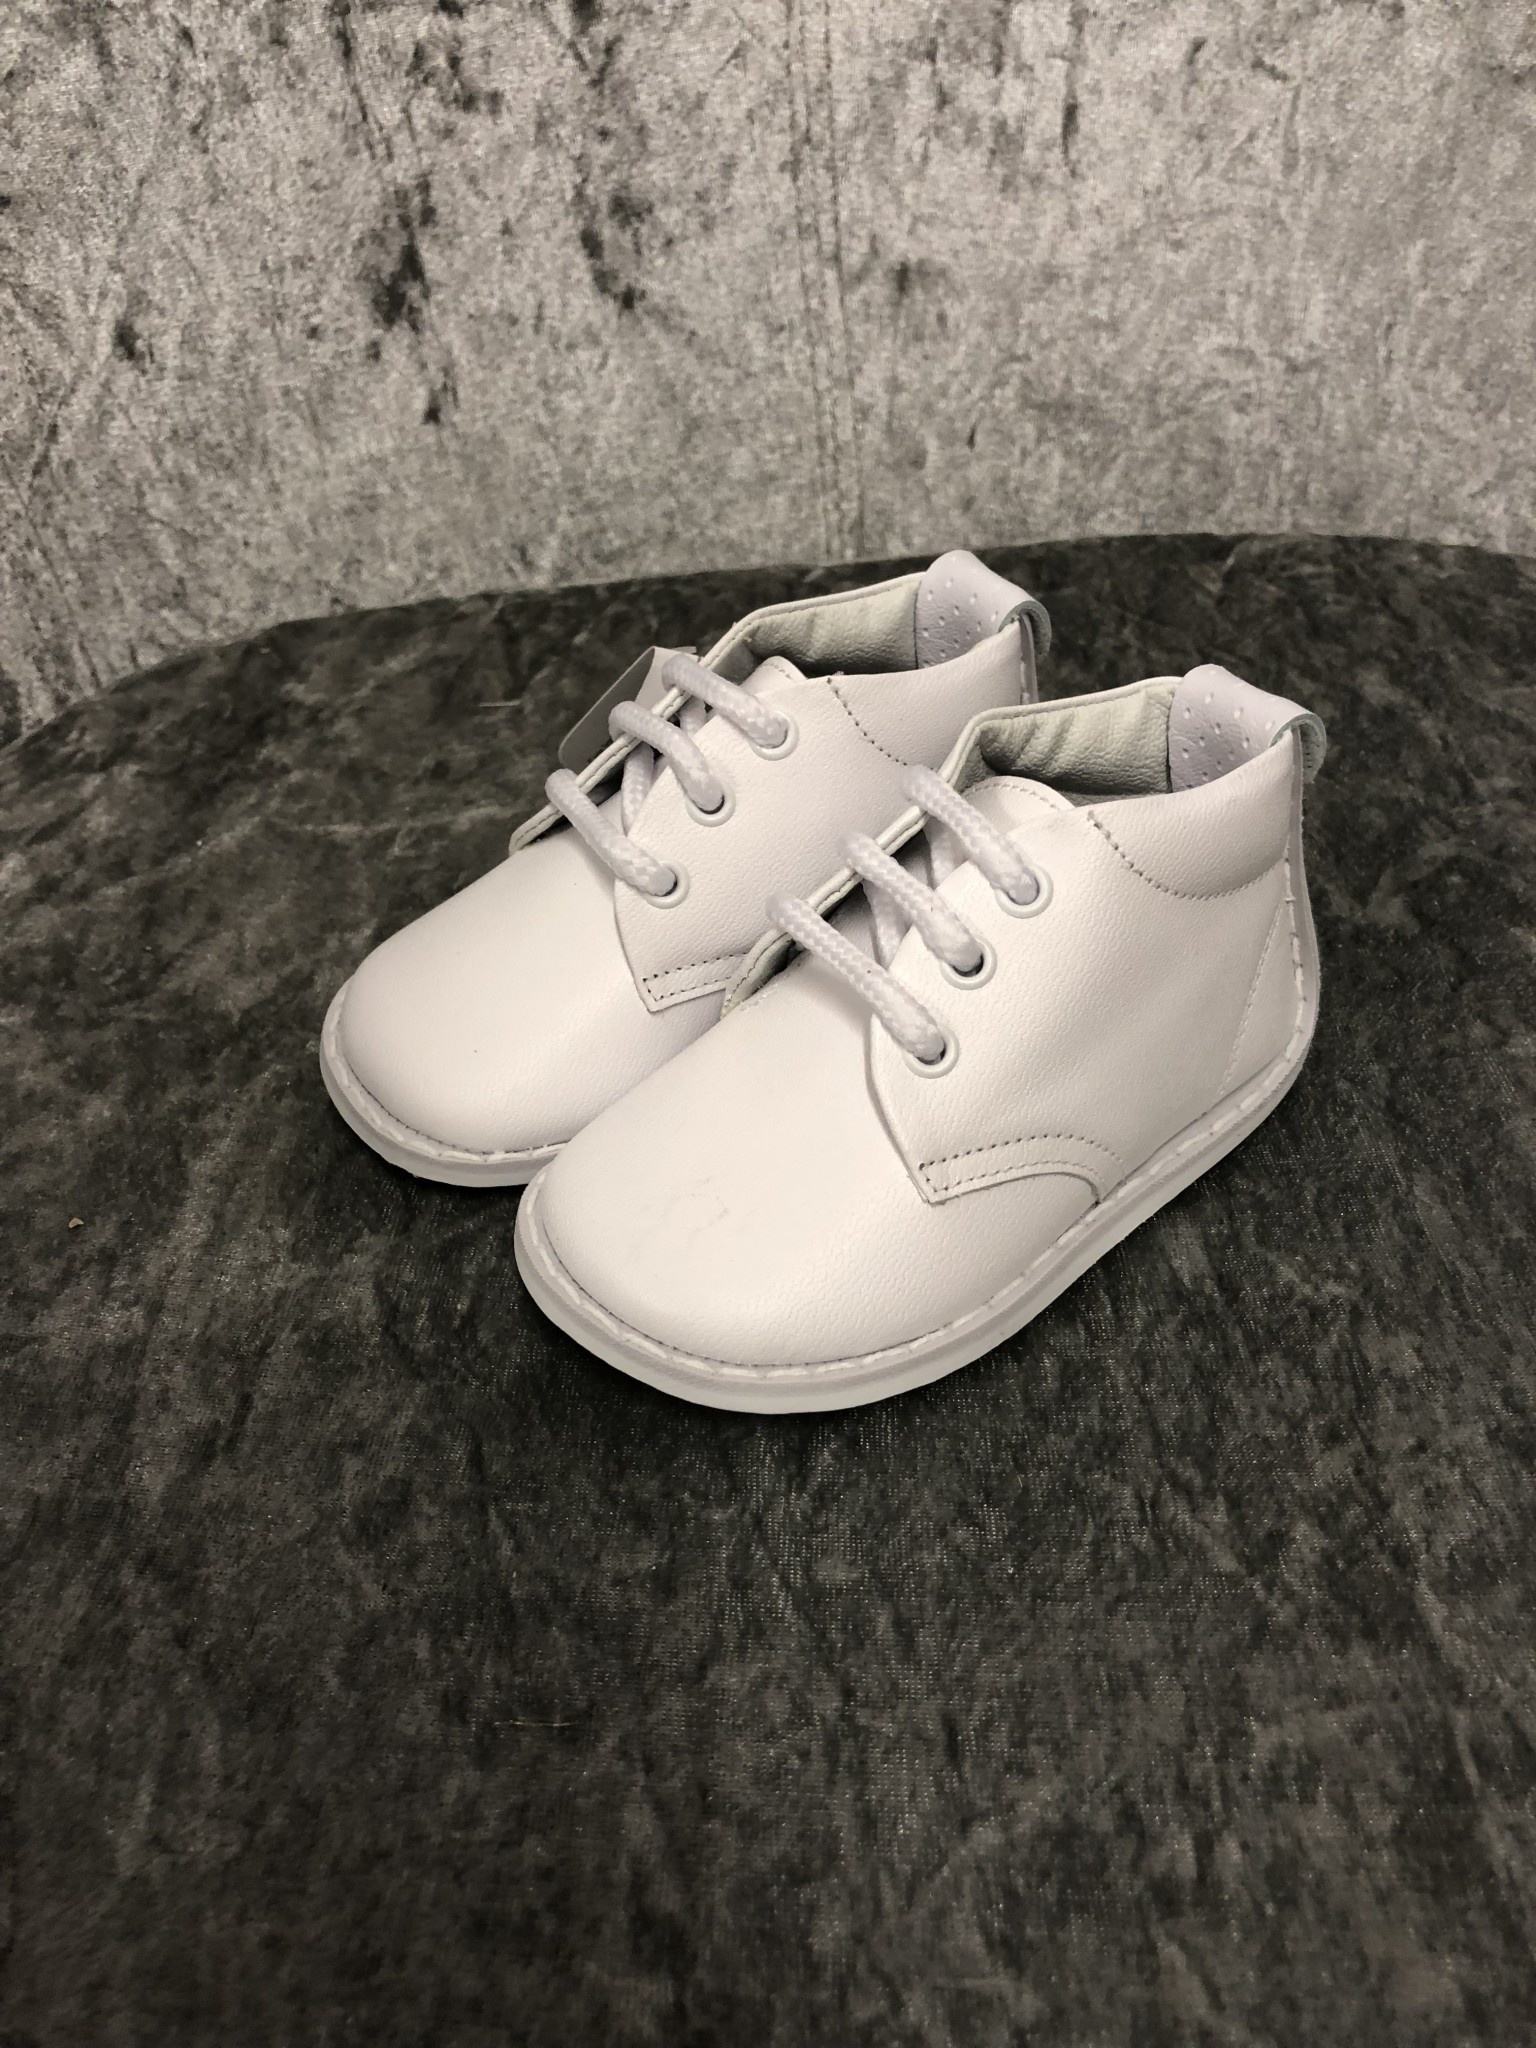 Pex Pex Josep White Lace Up Boys Shoes